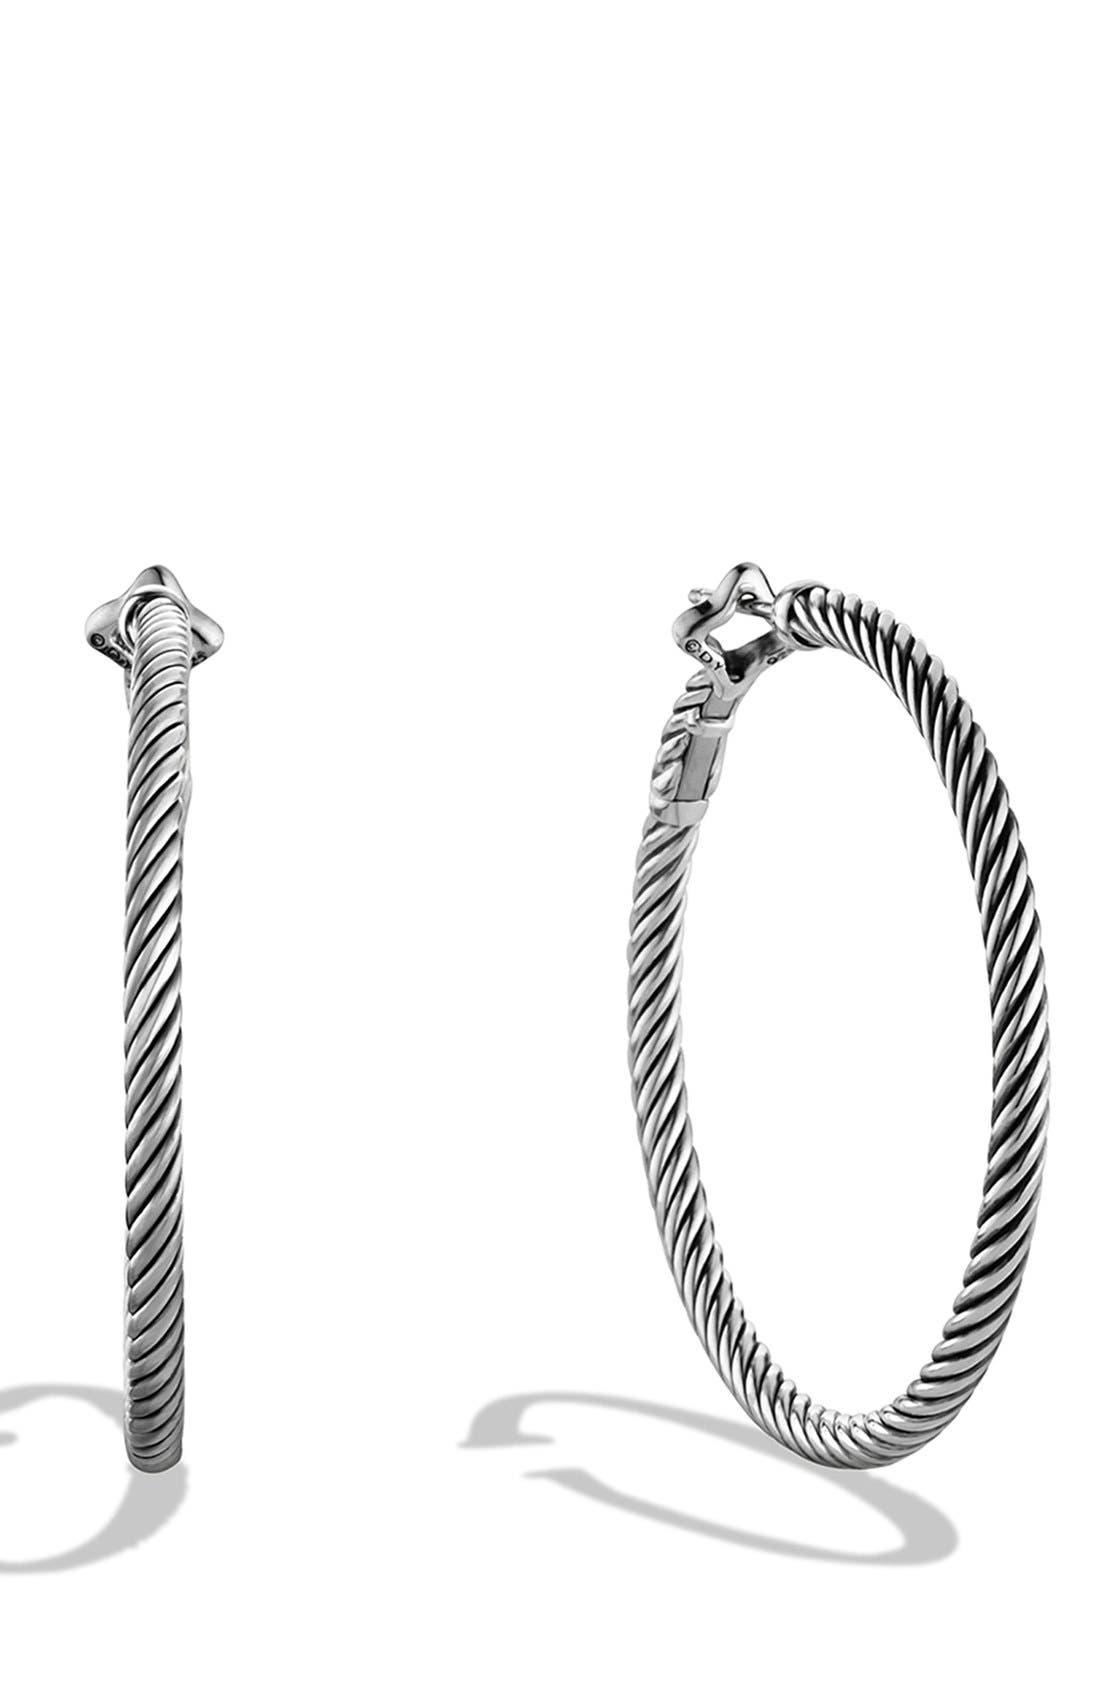 Alternate Image 1 Selected - David Yurman 'Cable Classics' Large Hoop Earrings